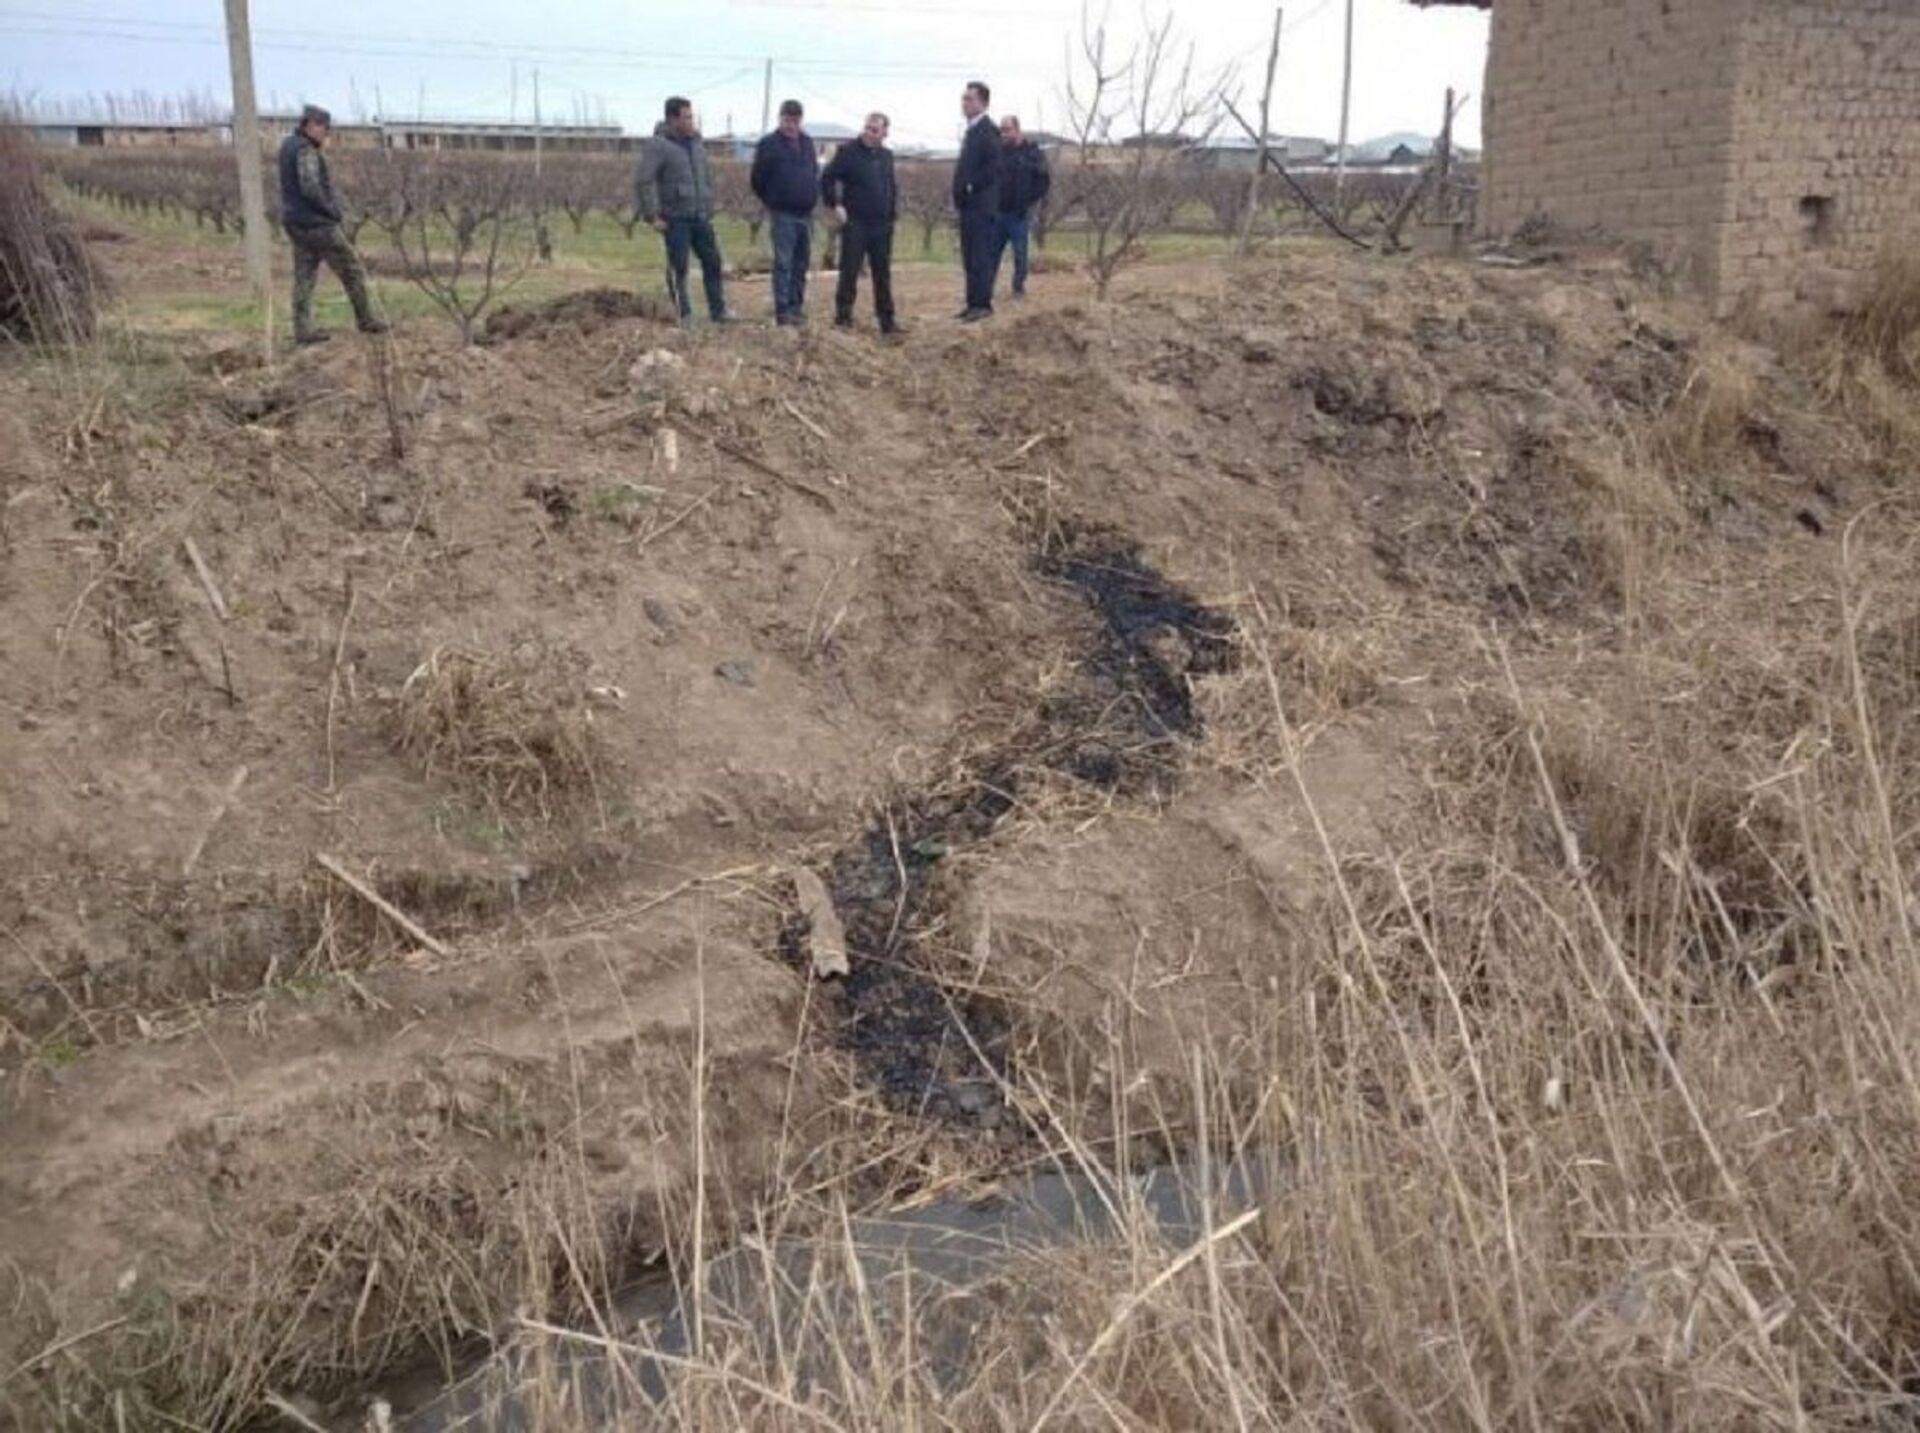 Xokimiyat Tashoblasti dal kommentariy po povodu krovavыx rek v Kibraye - Sputnik Oʻzbekiston, 1920, 09.03.2021